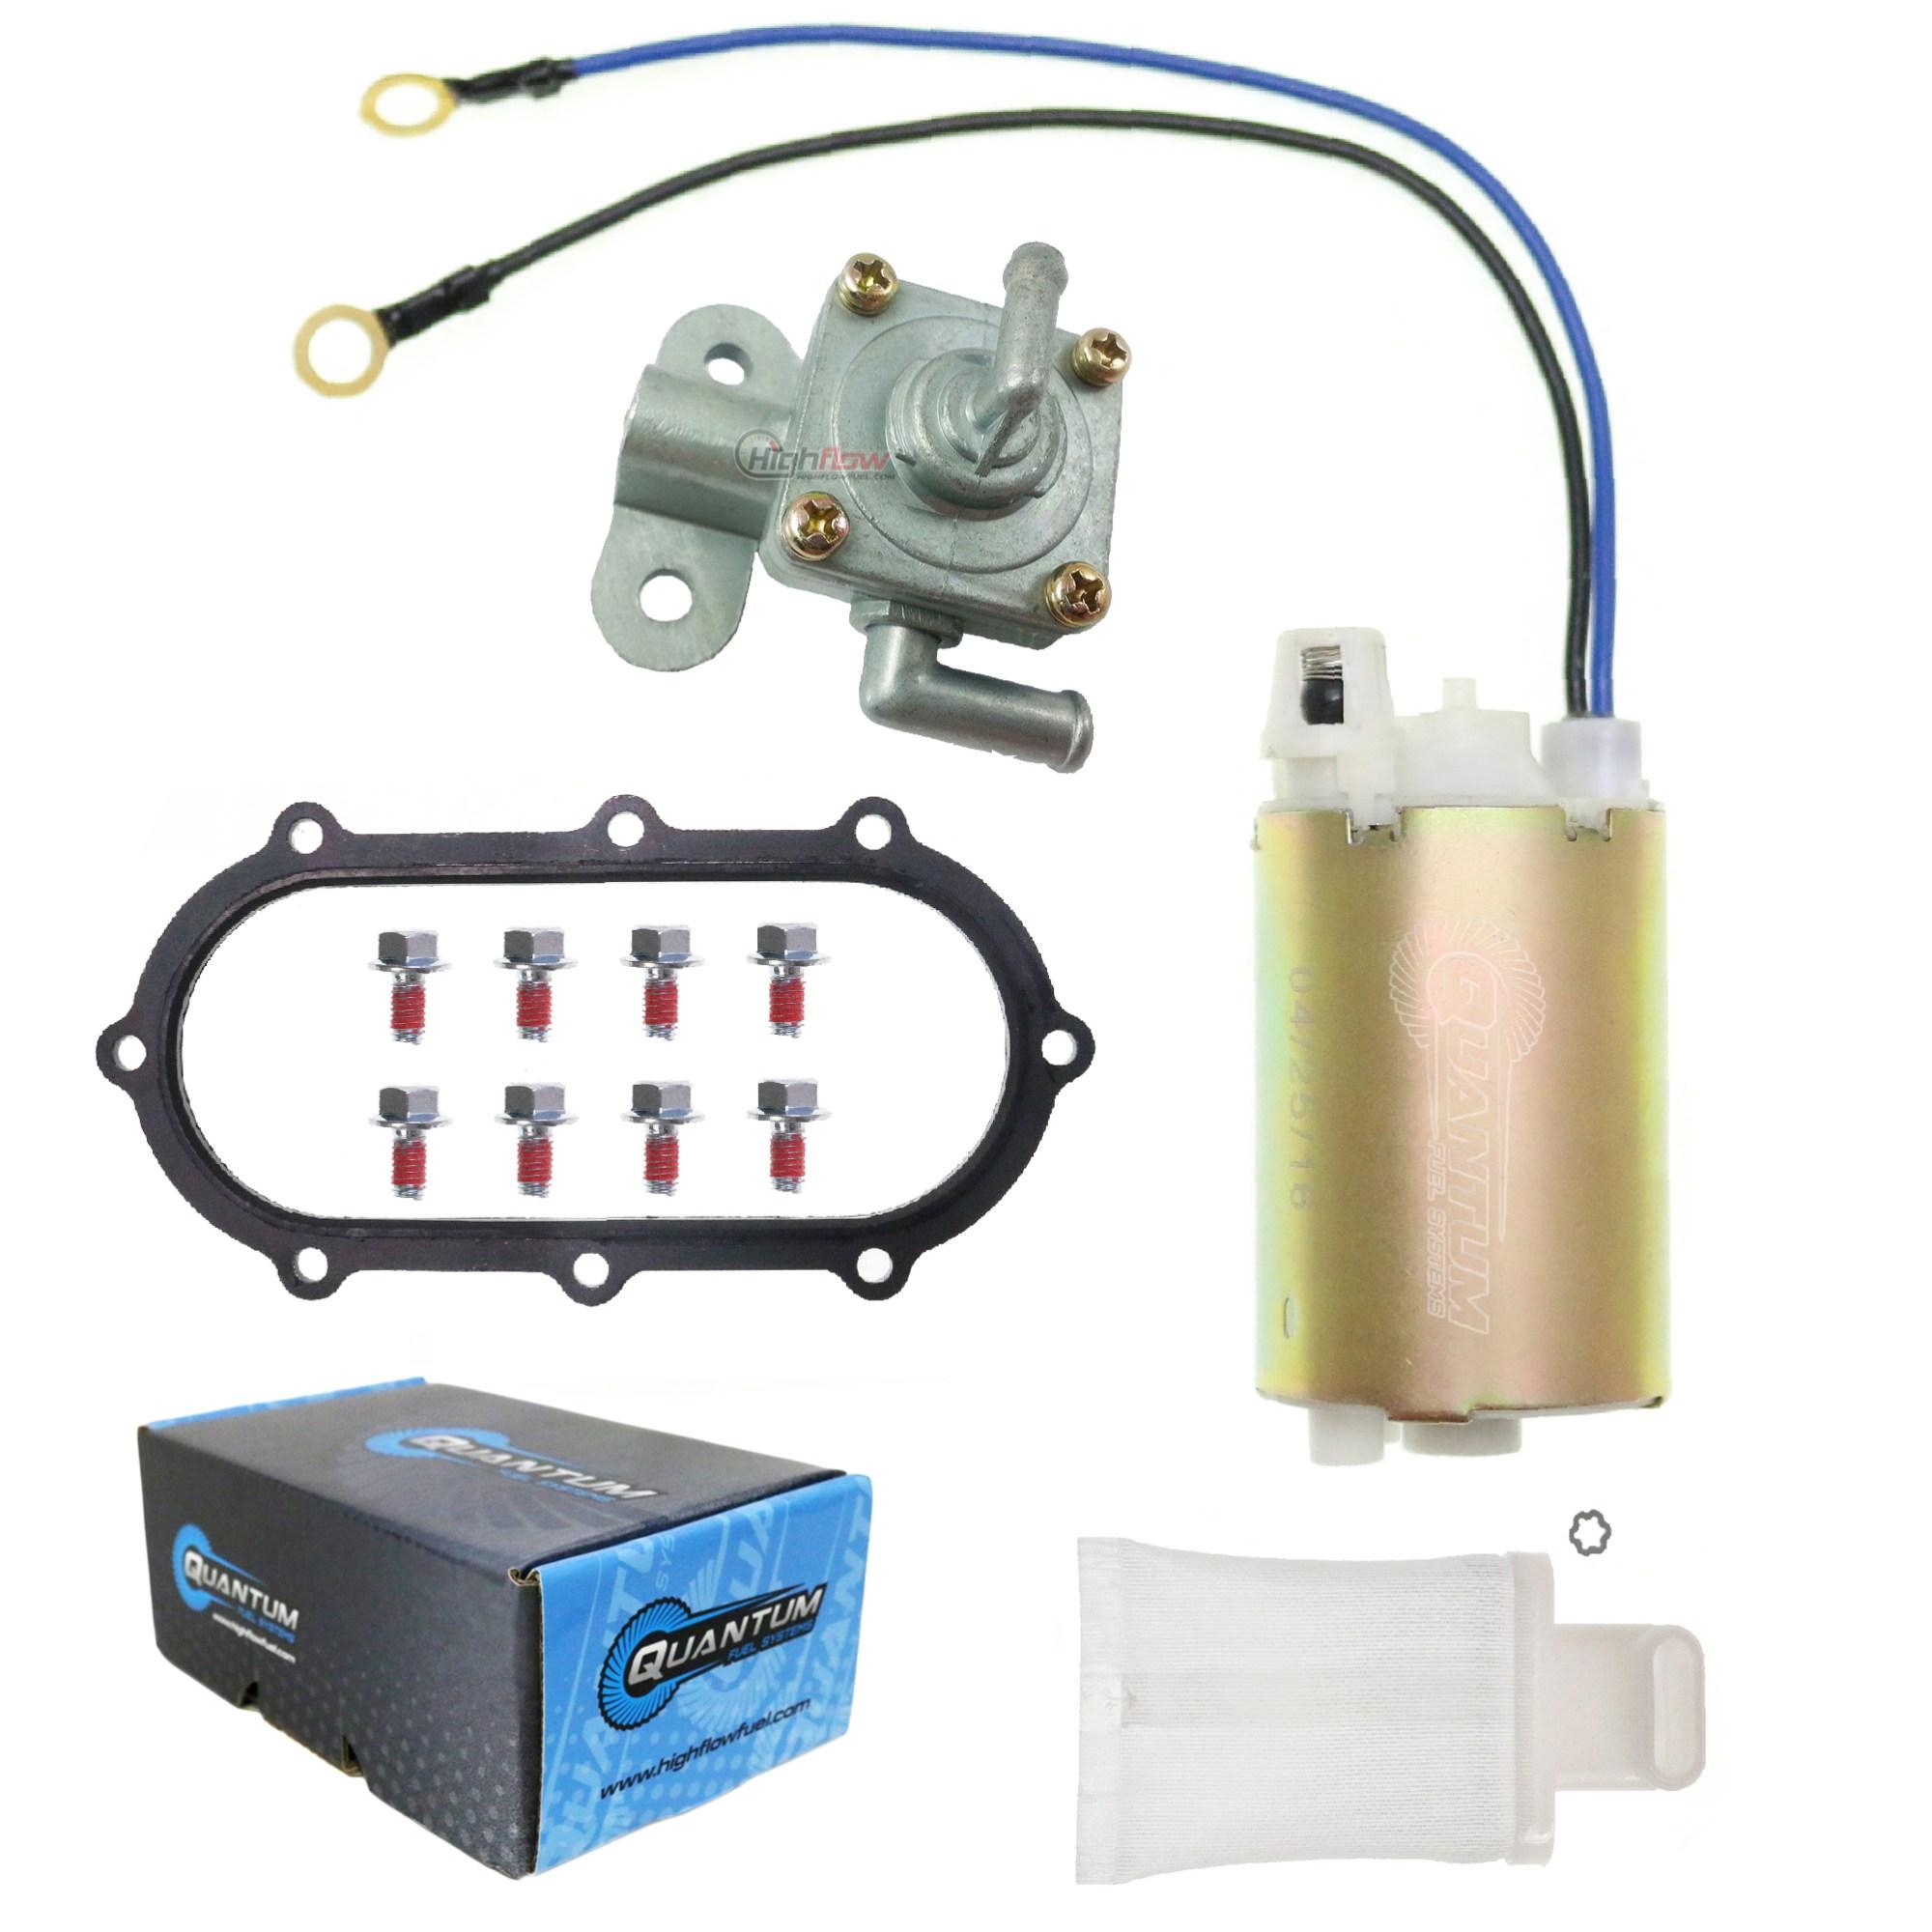 hight resolution of details about fuel pump for suzuki 1997 2000 gsxr 600 srad rebuild kit petcock gasket strainer